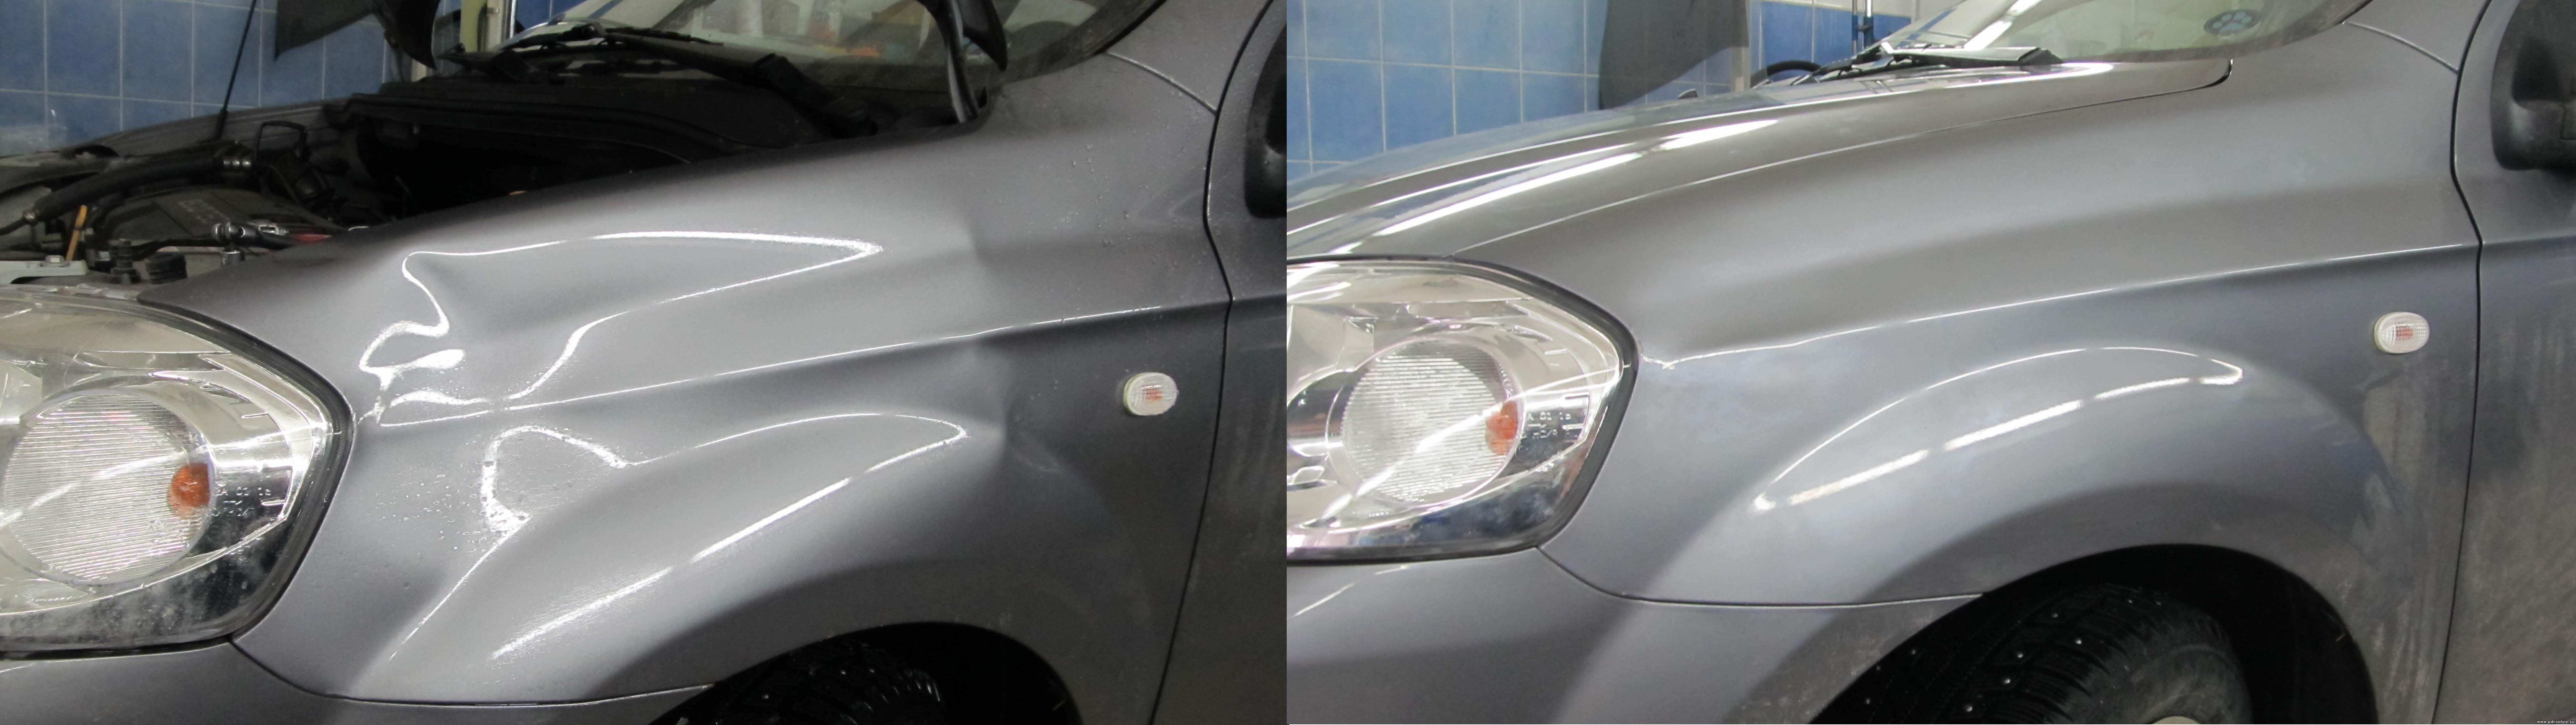 Как удалить небольшую вмятину на машине